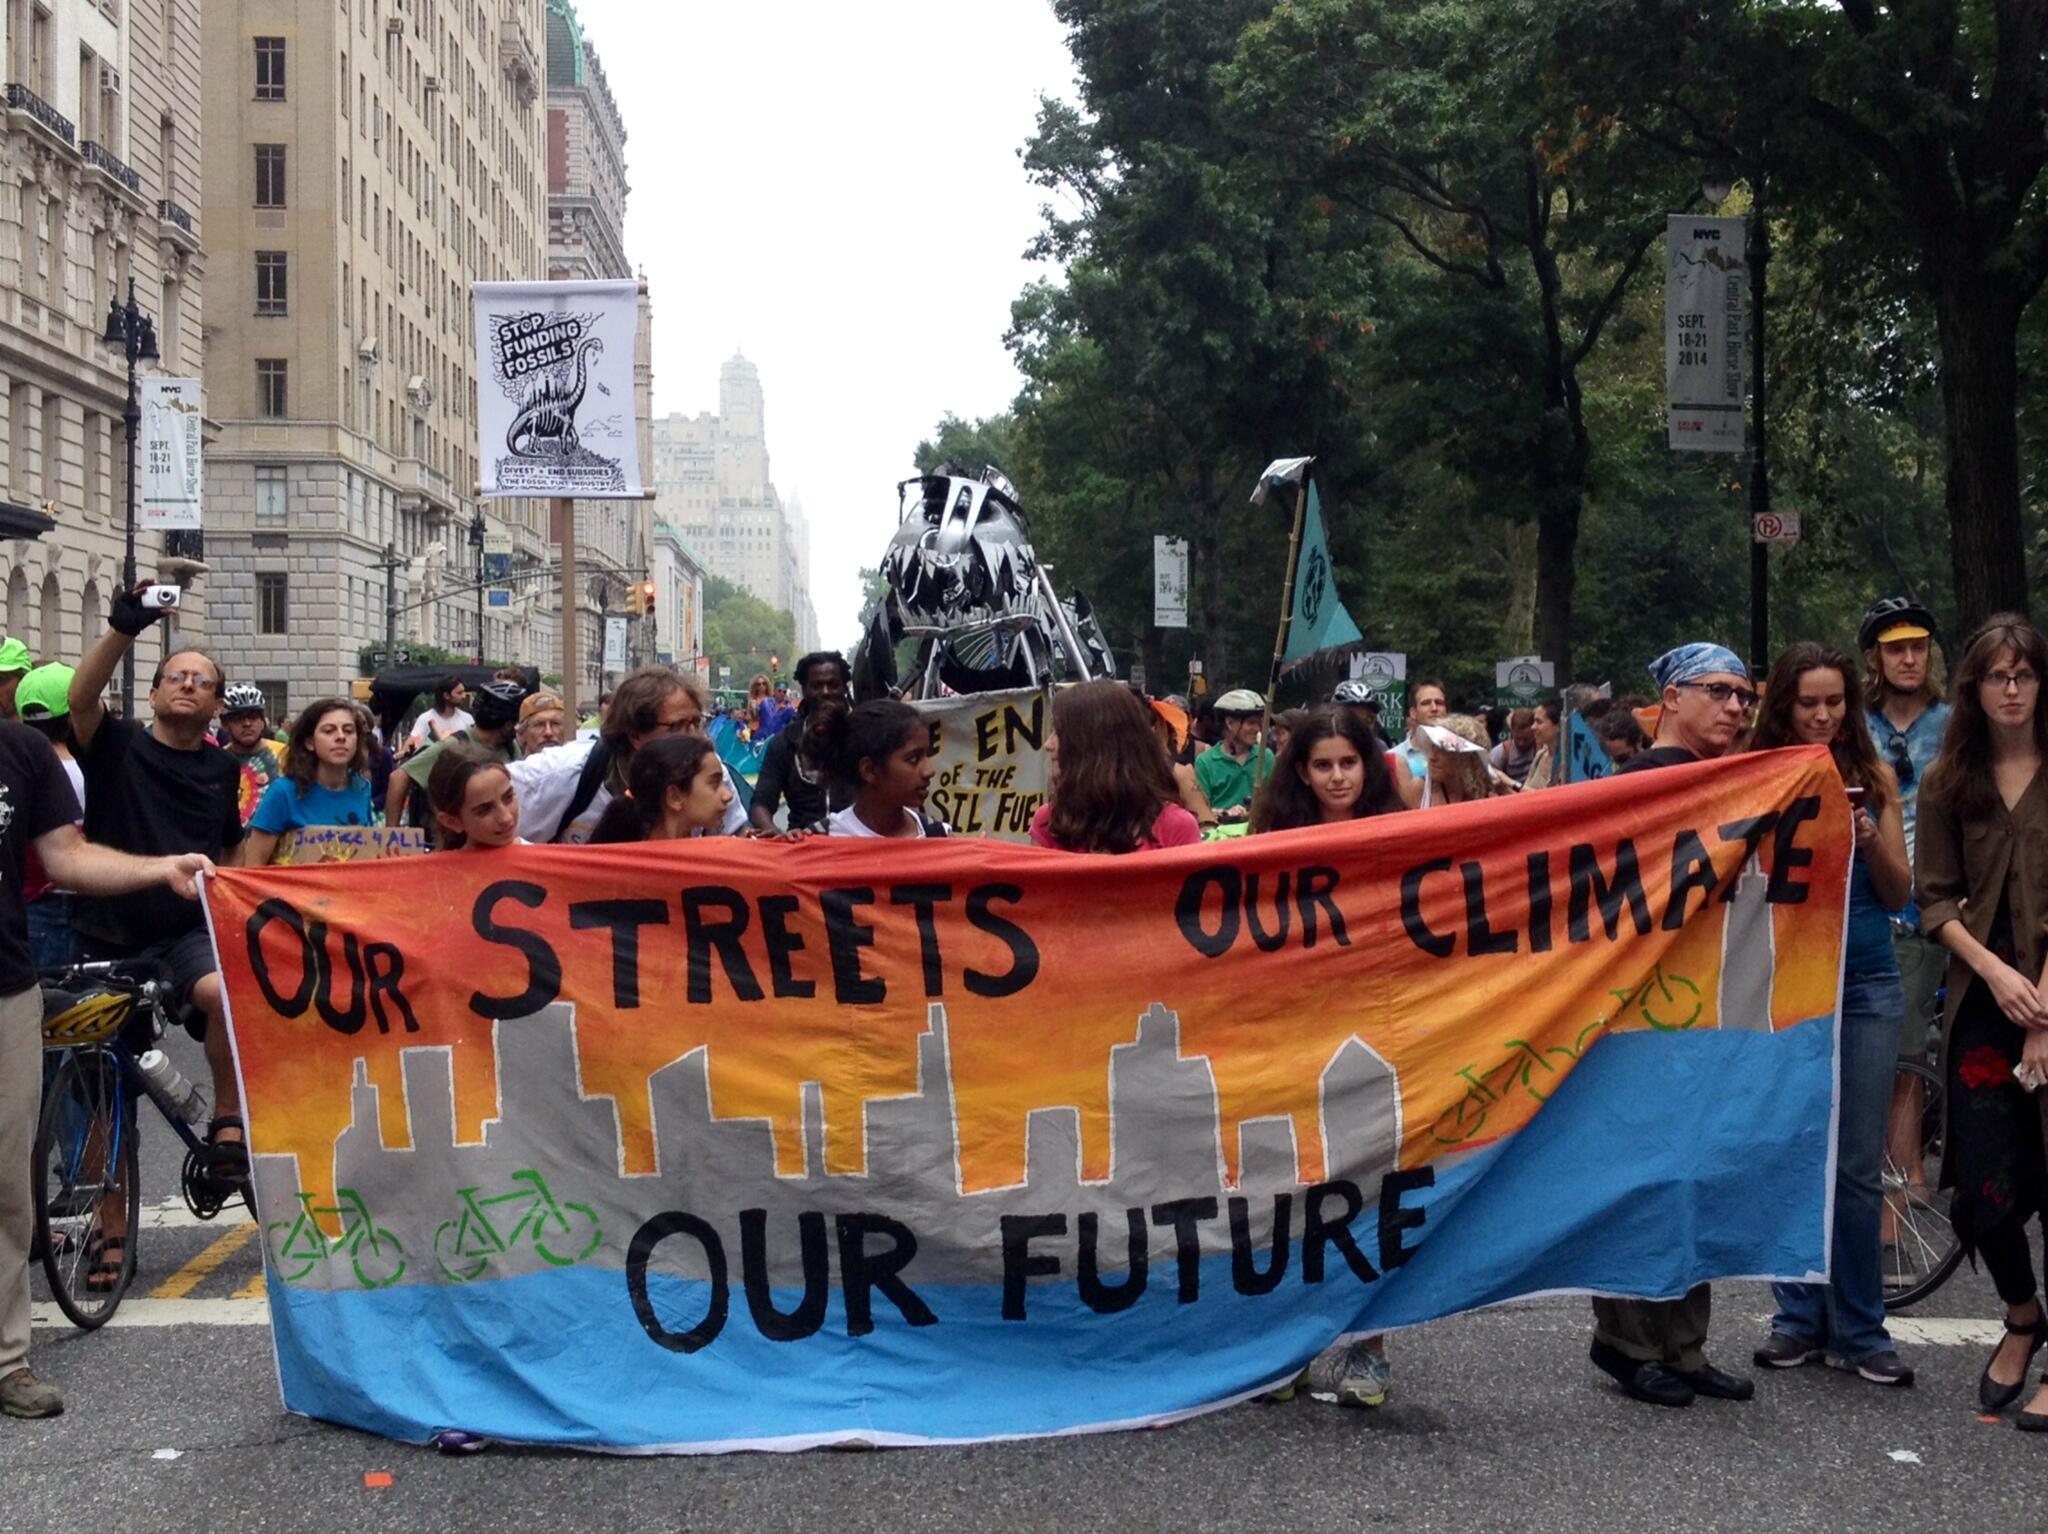 Manifestation à New York le 22 septembre 2014, à la veille du sommet de l'ONU sur le climat.